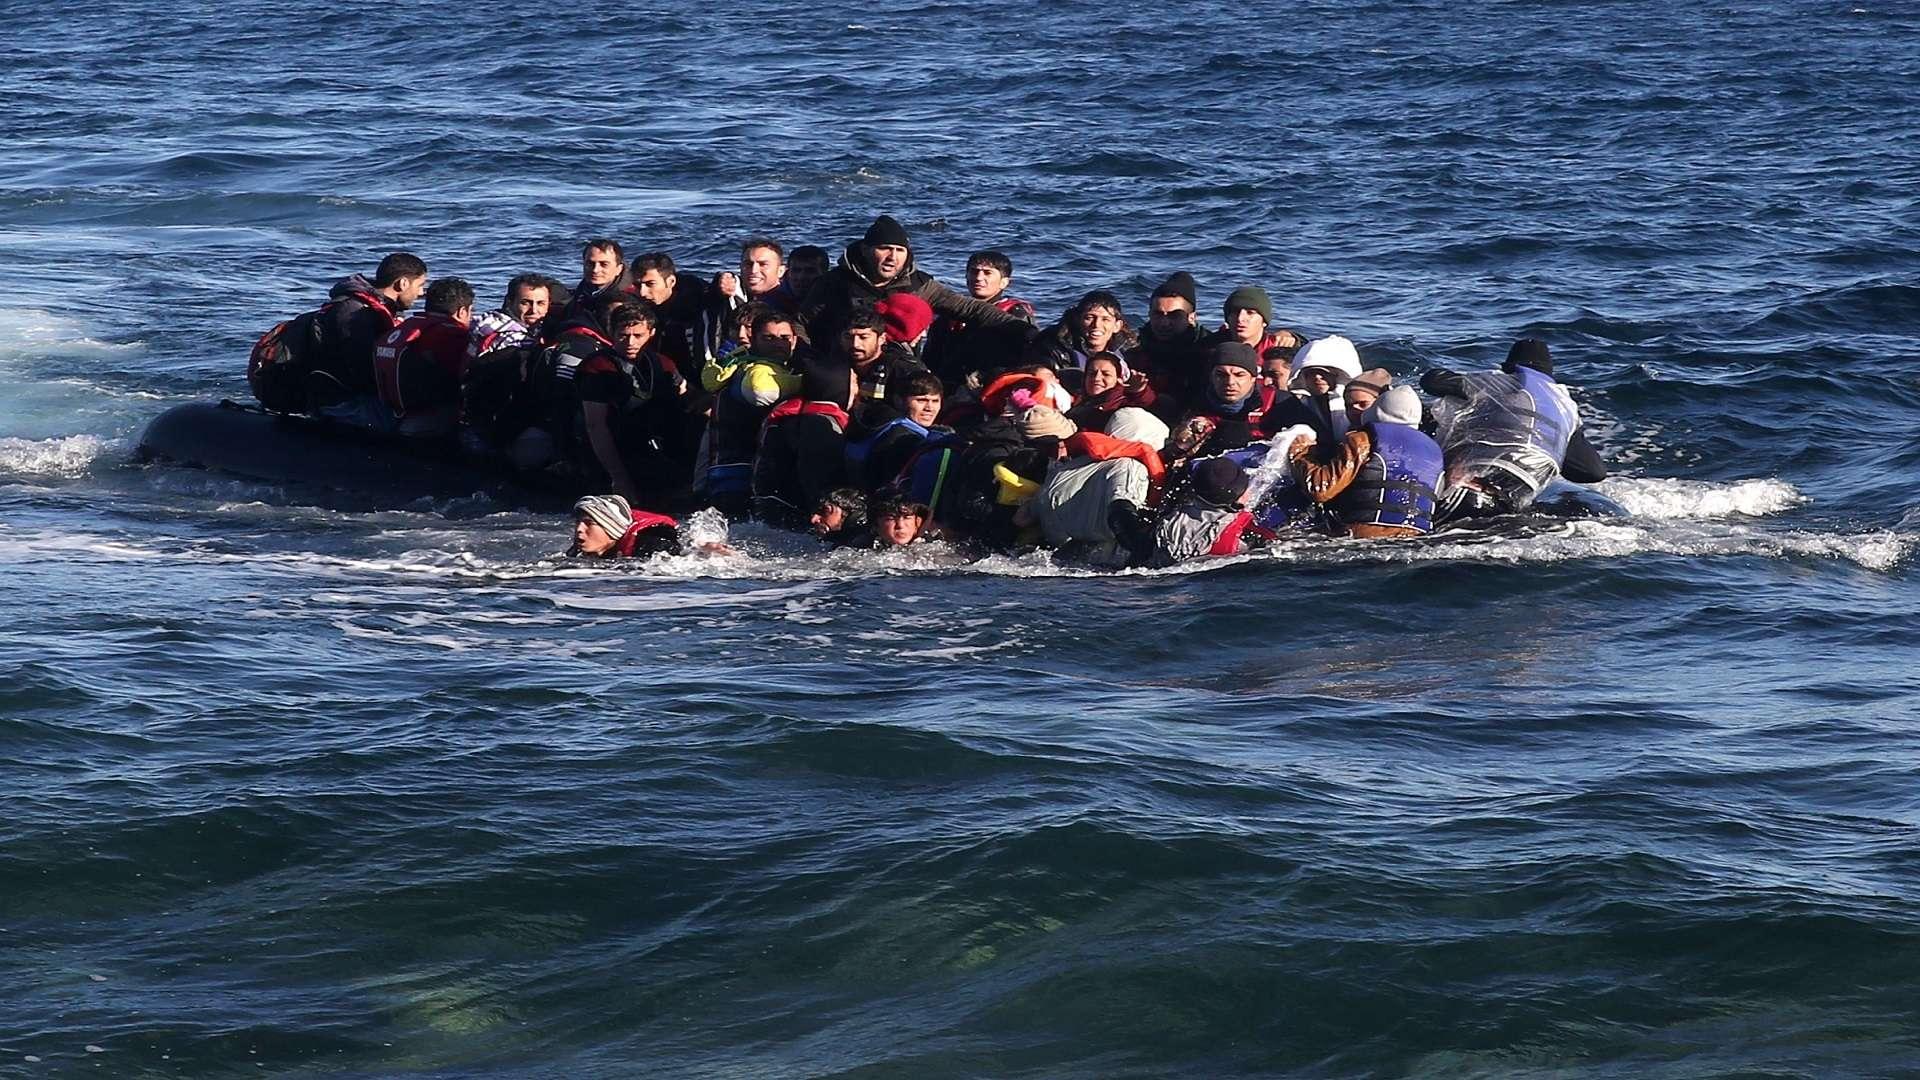 الأورومتوسطي يرحب بتقرير أممي حول حادثة غرق طالبي لجوء ويدعو لتحقيق مماثل في حادثة سبتمبر 2014